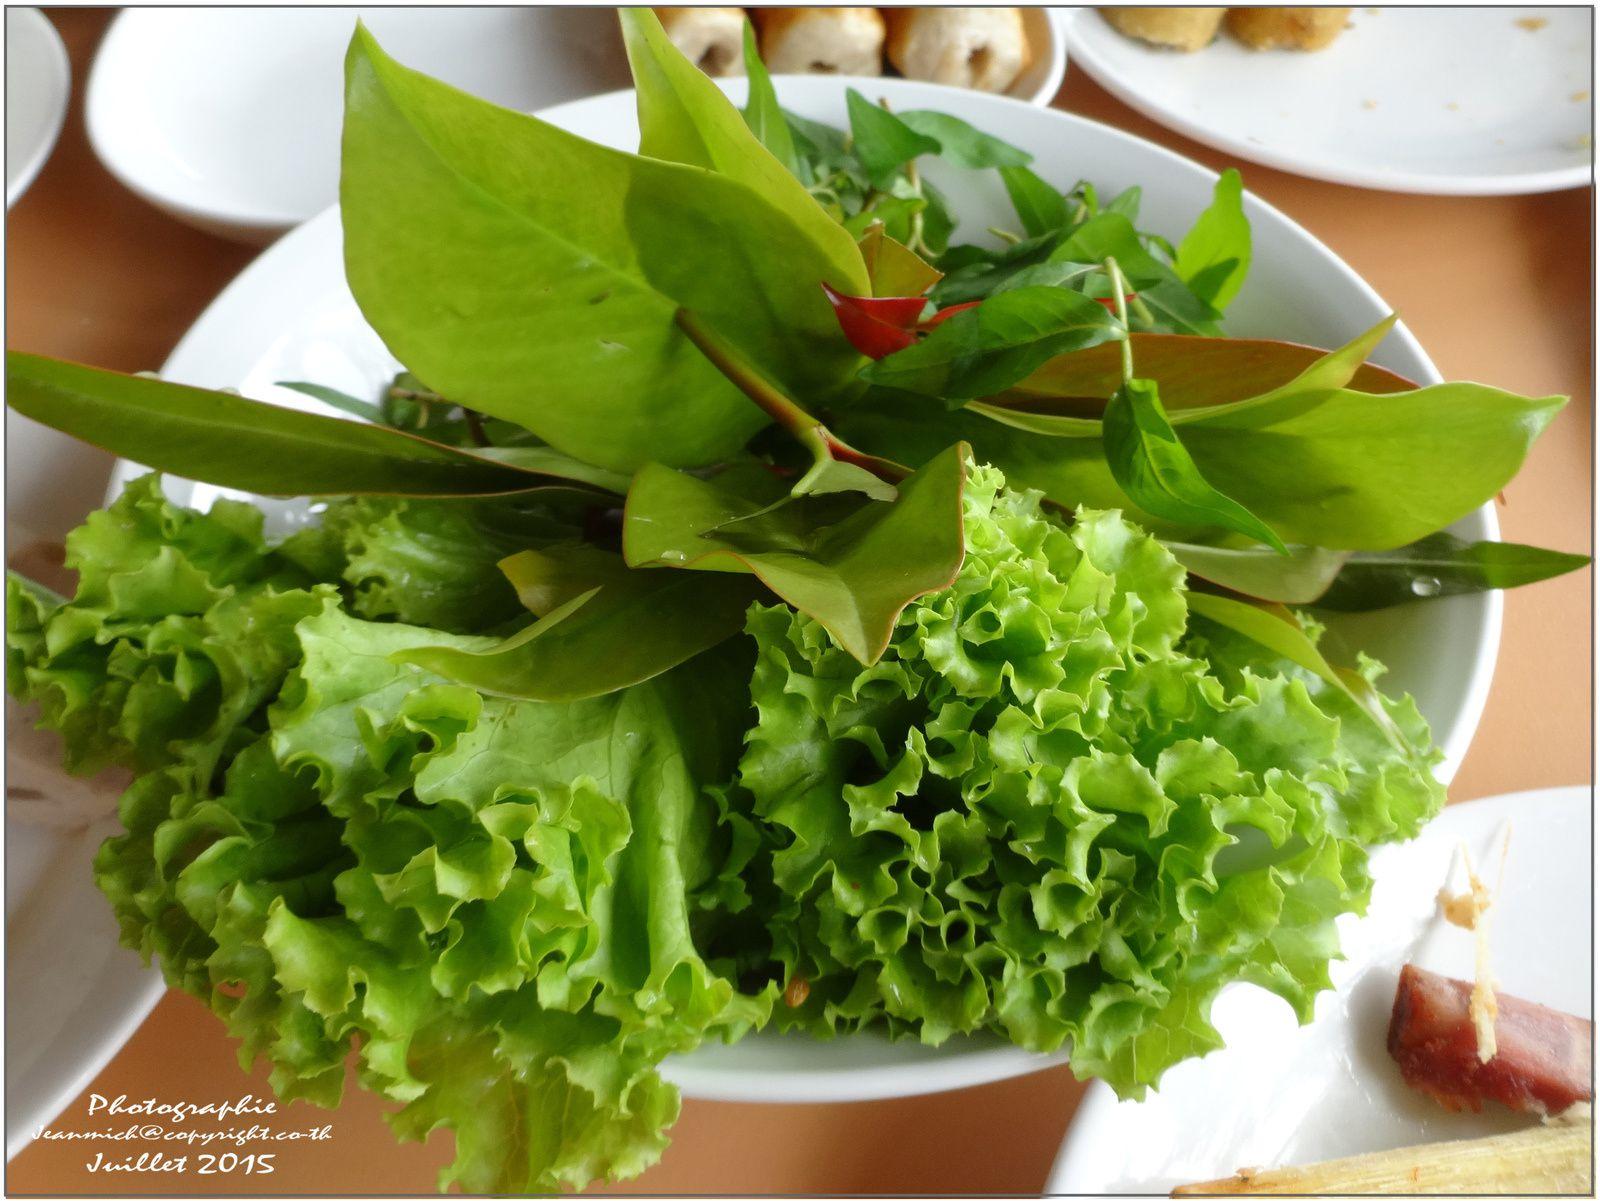 Tout simplement délicieux... un choix de légumes de première fraîcheur pour faire ses rouleaux de printemps...